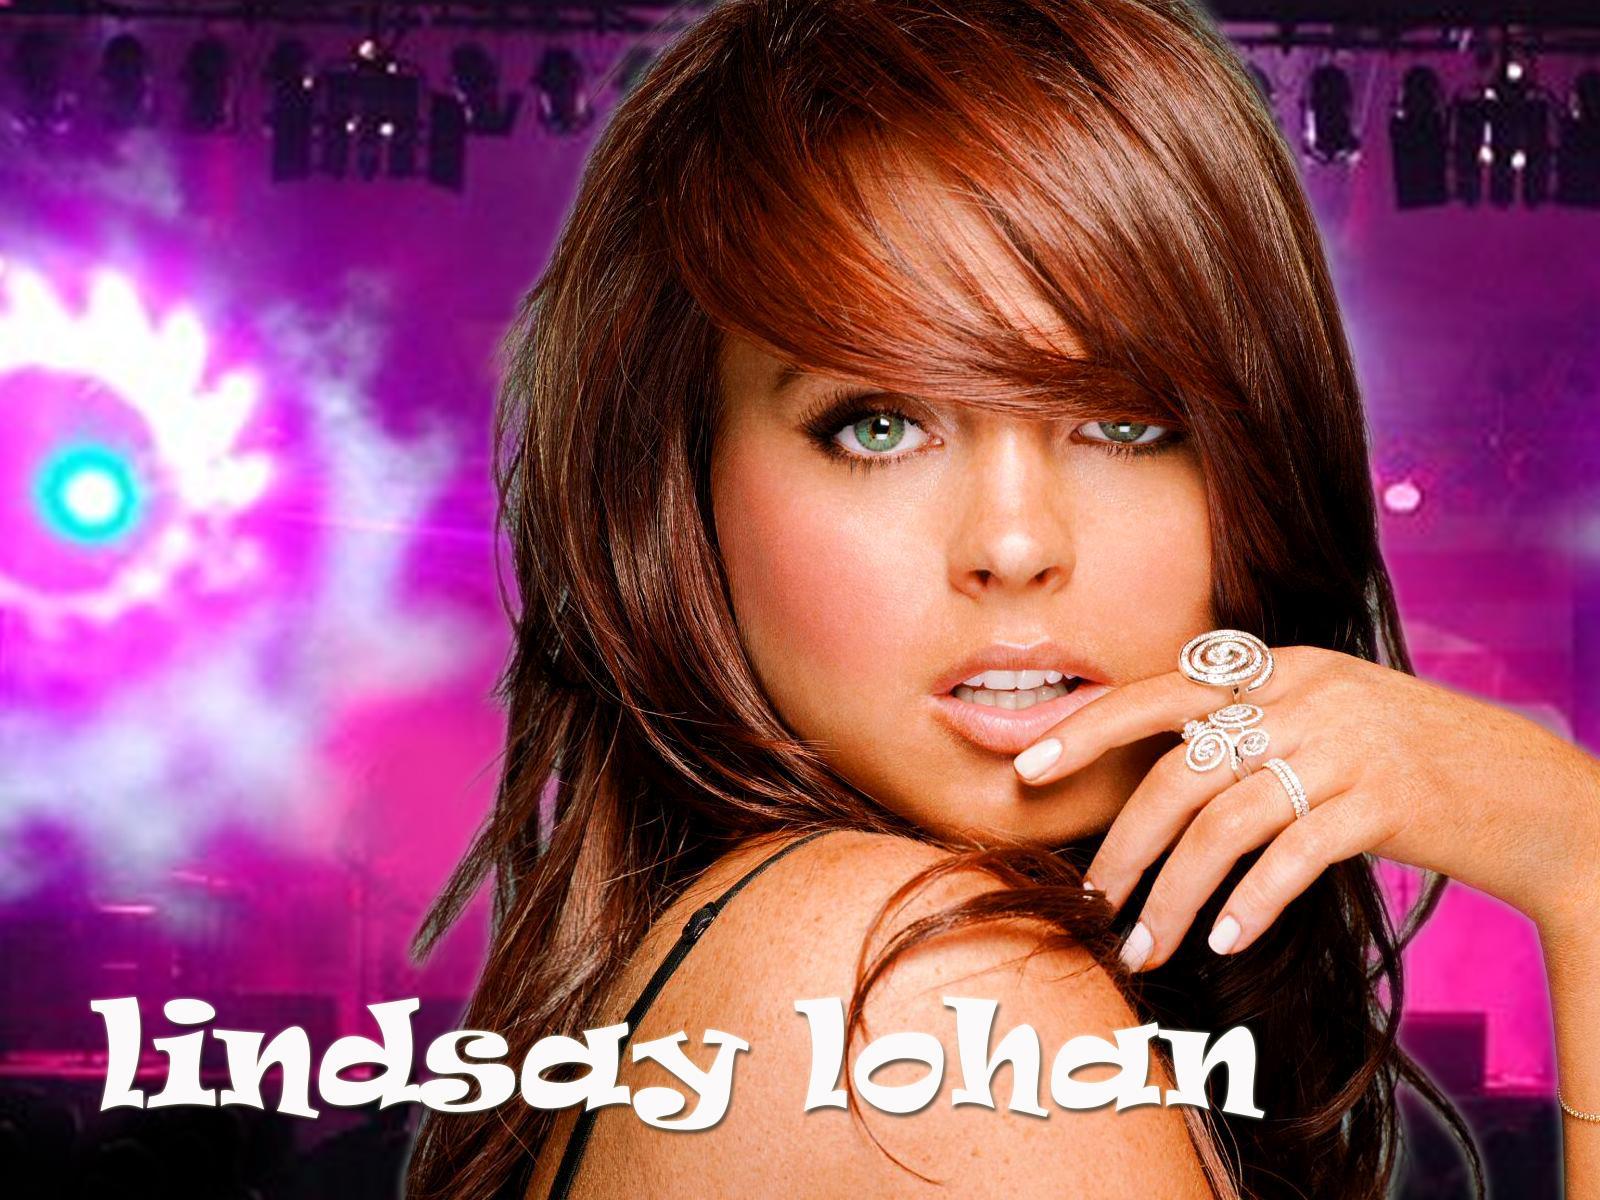 http://4.bp.blogspot.com/_RoBr428PChA/TESLYfJ9JFI/AAAAAAAAAKU/fH1pEUMRlHg/s1600/lindsay-lohan.jpg